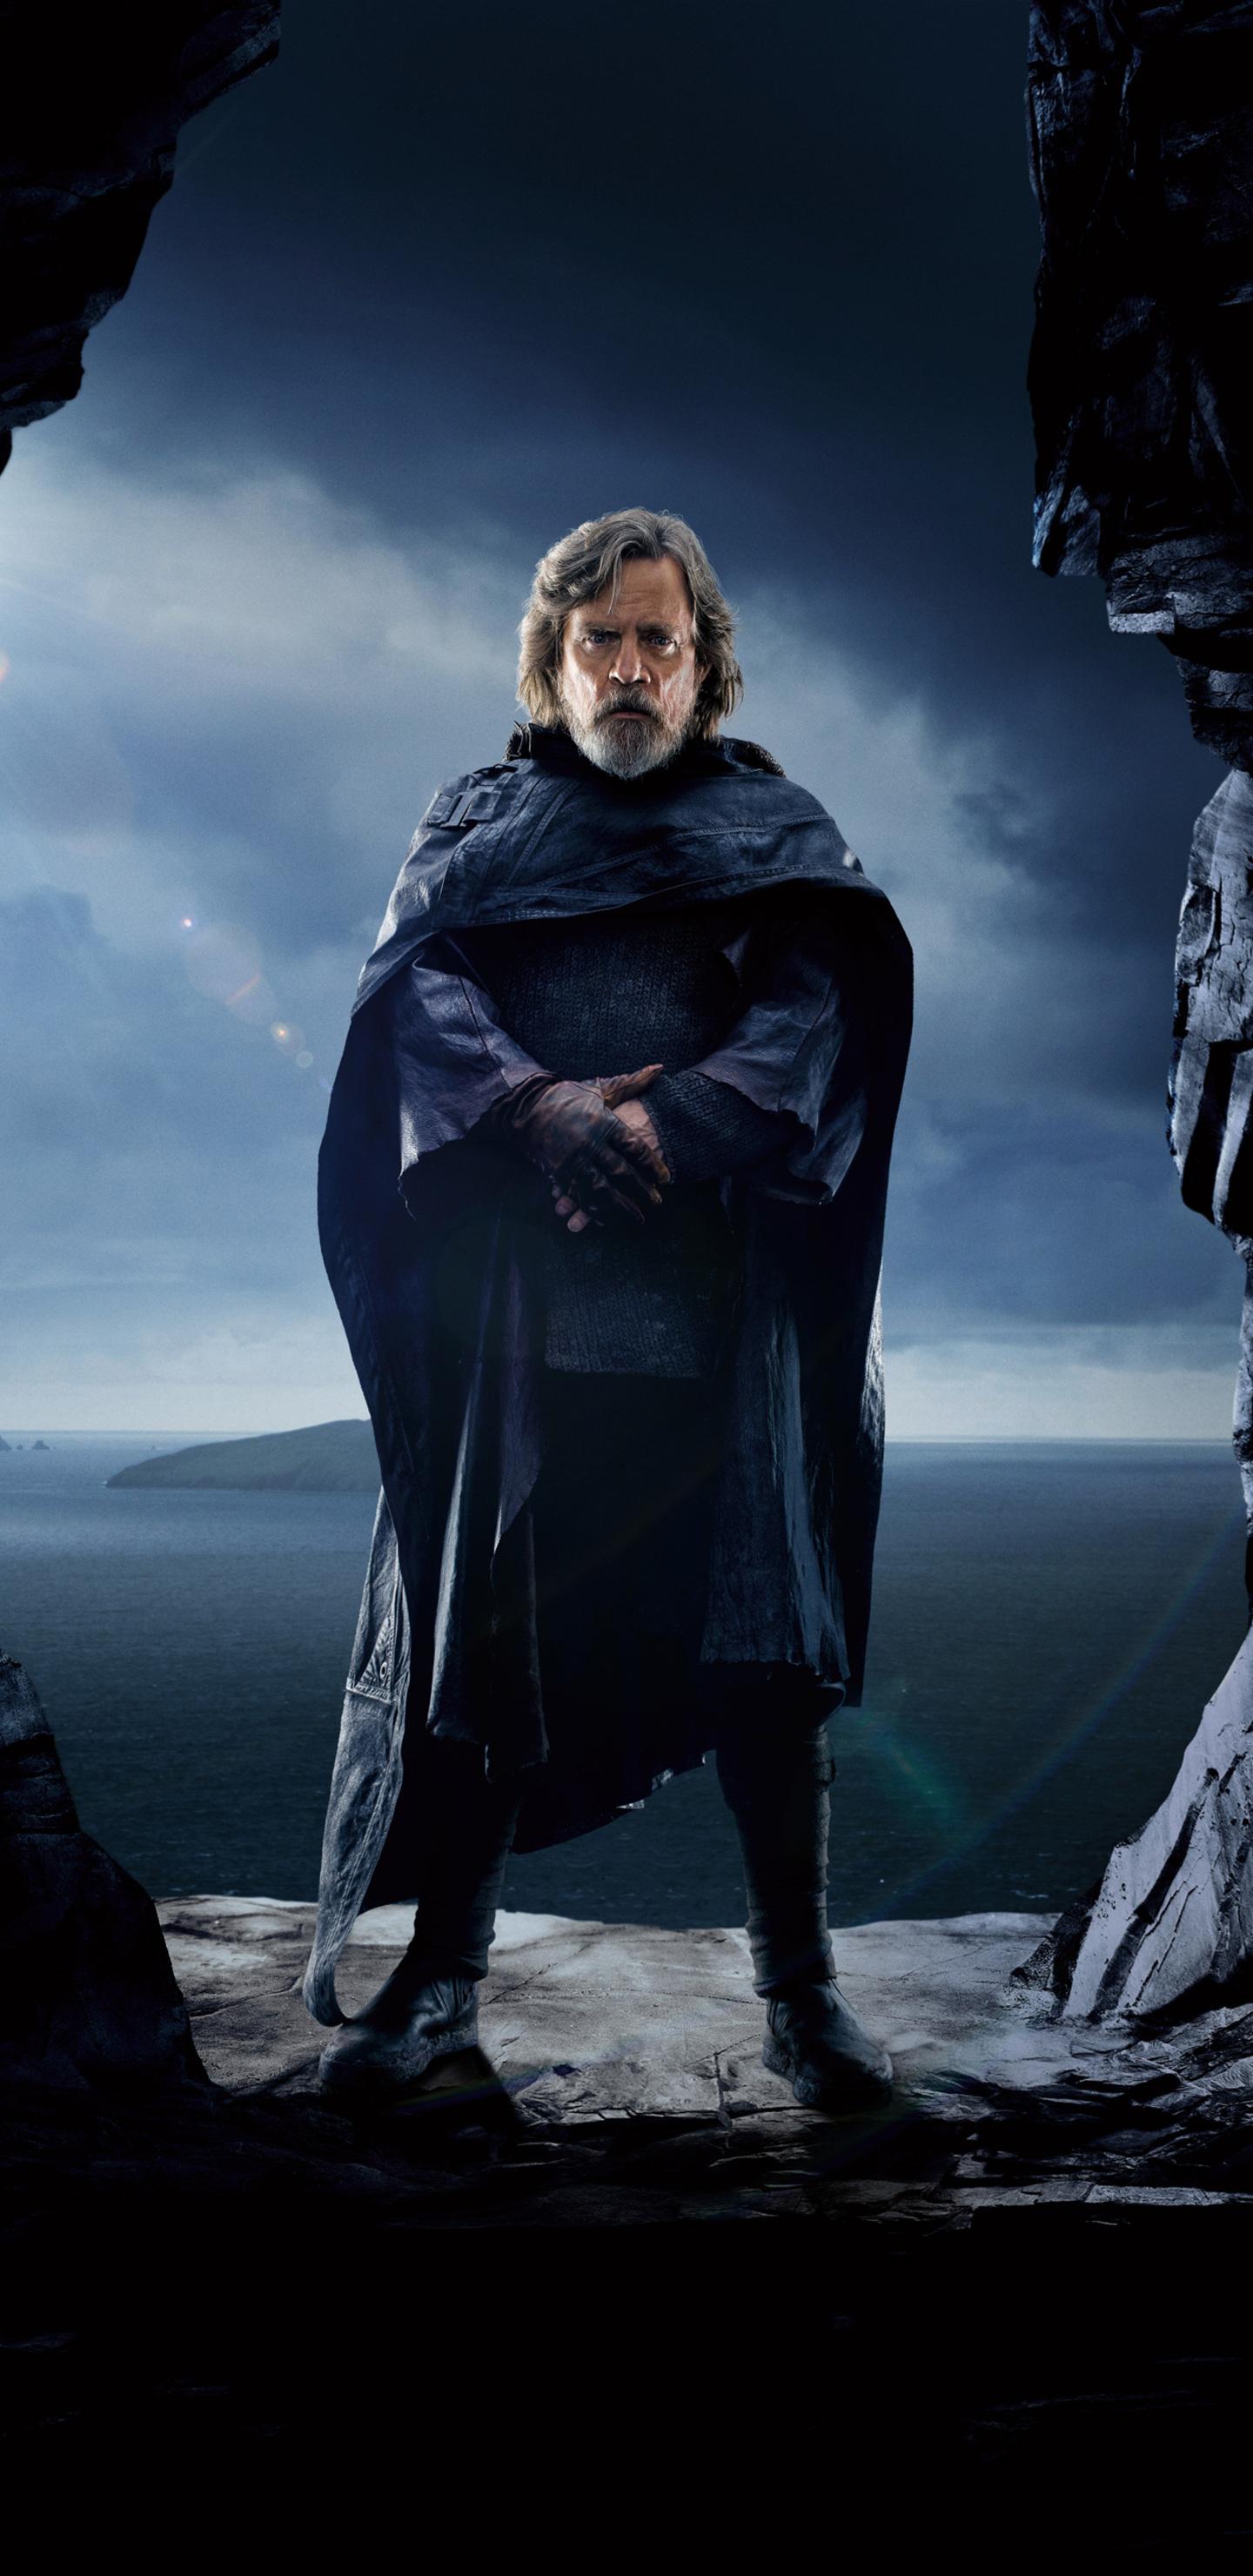 1440x2960 Luke Skywalker Star Wars The Last Jedi 5k 2017 ...